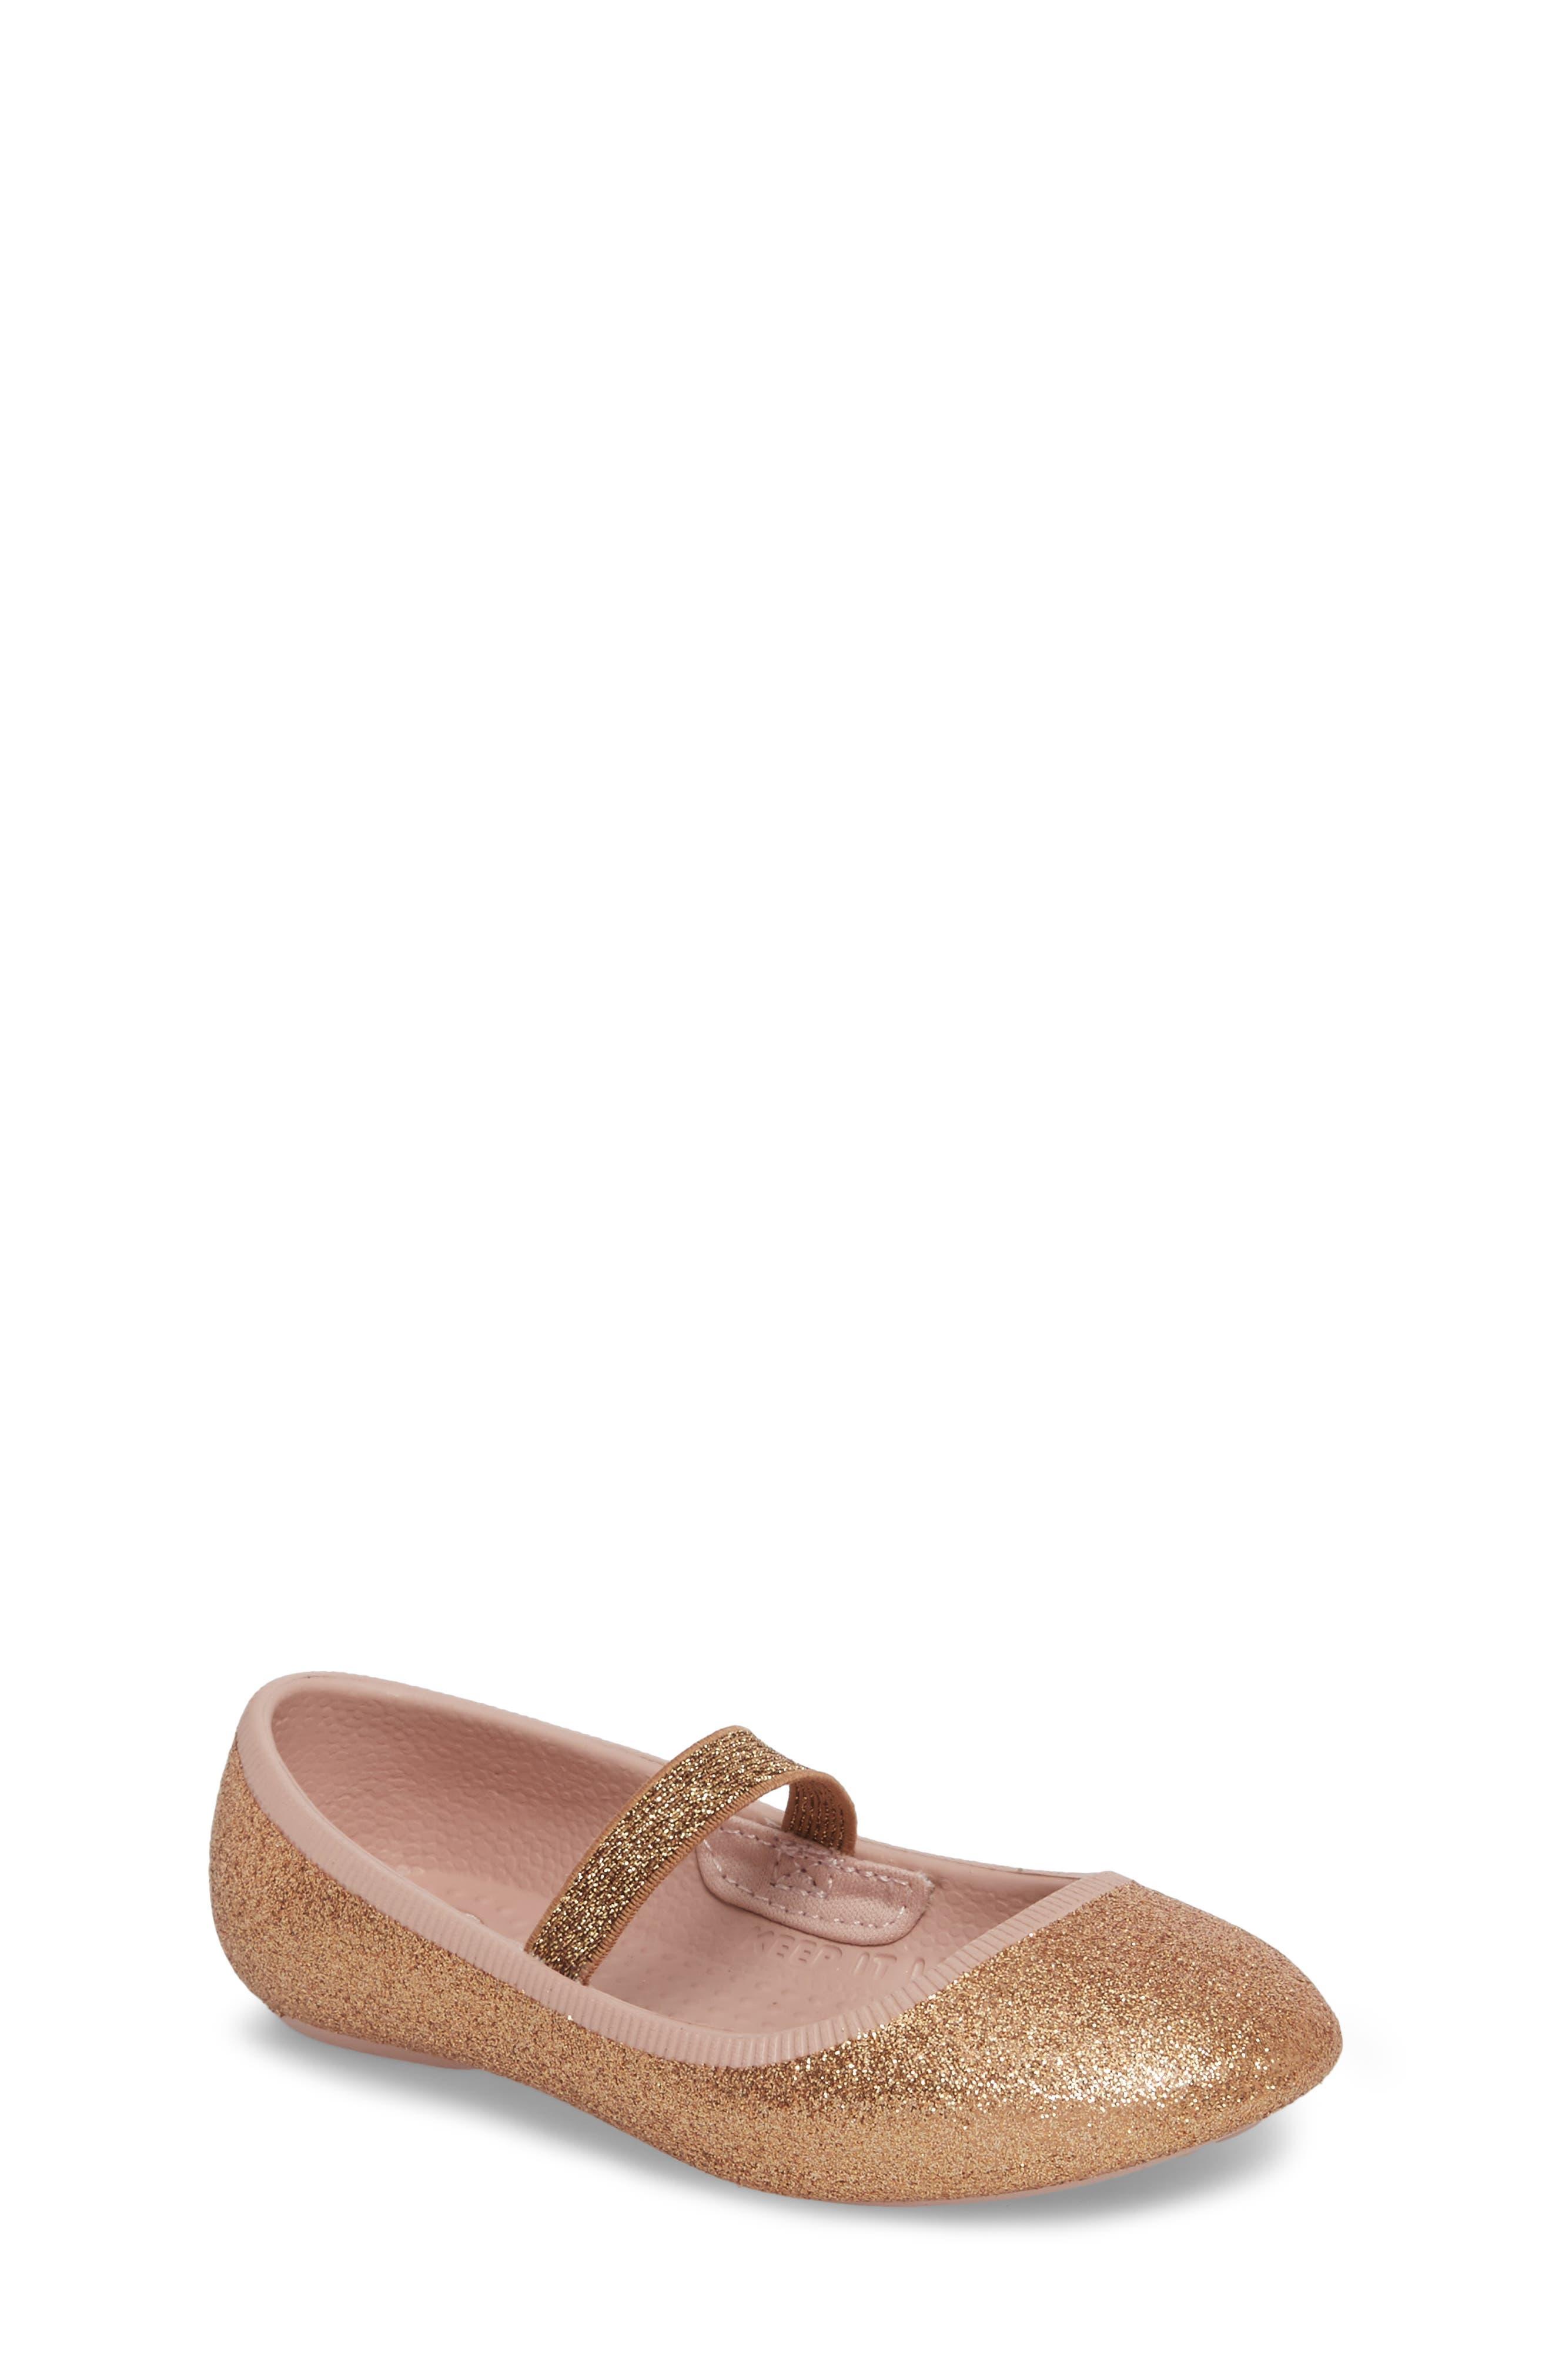 Alternate Image 1 Selected - Native Shoes Margot Bling Glitter Mary Jane (Baby, Walker, Toddler & Little Kid)